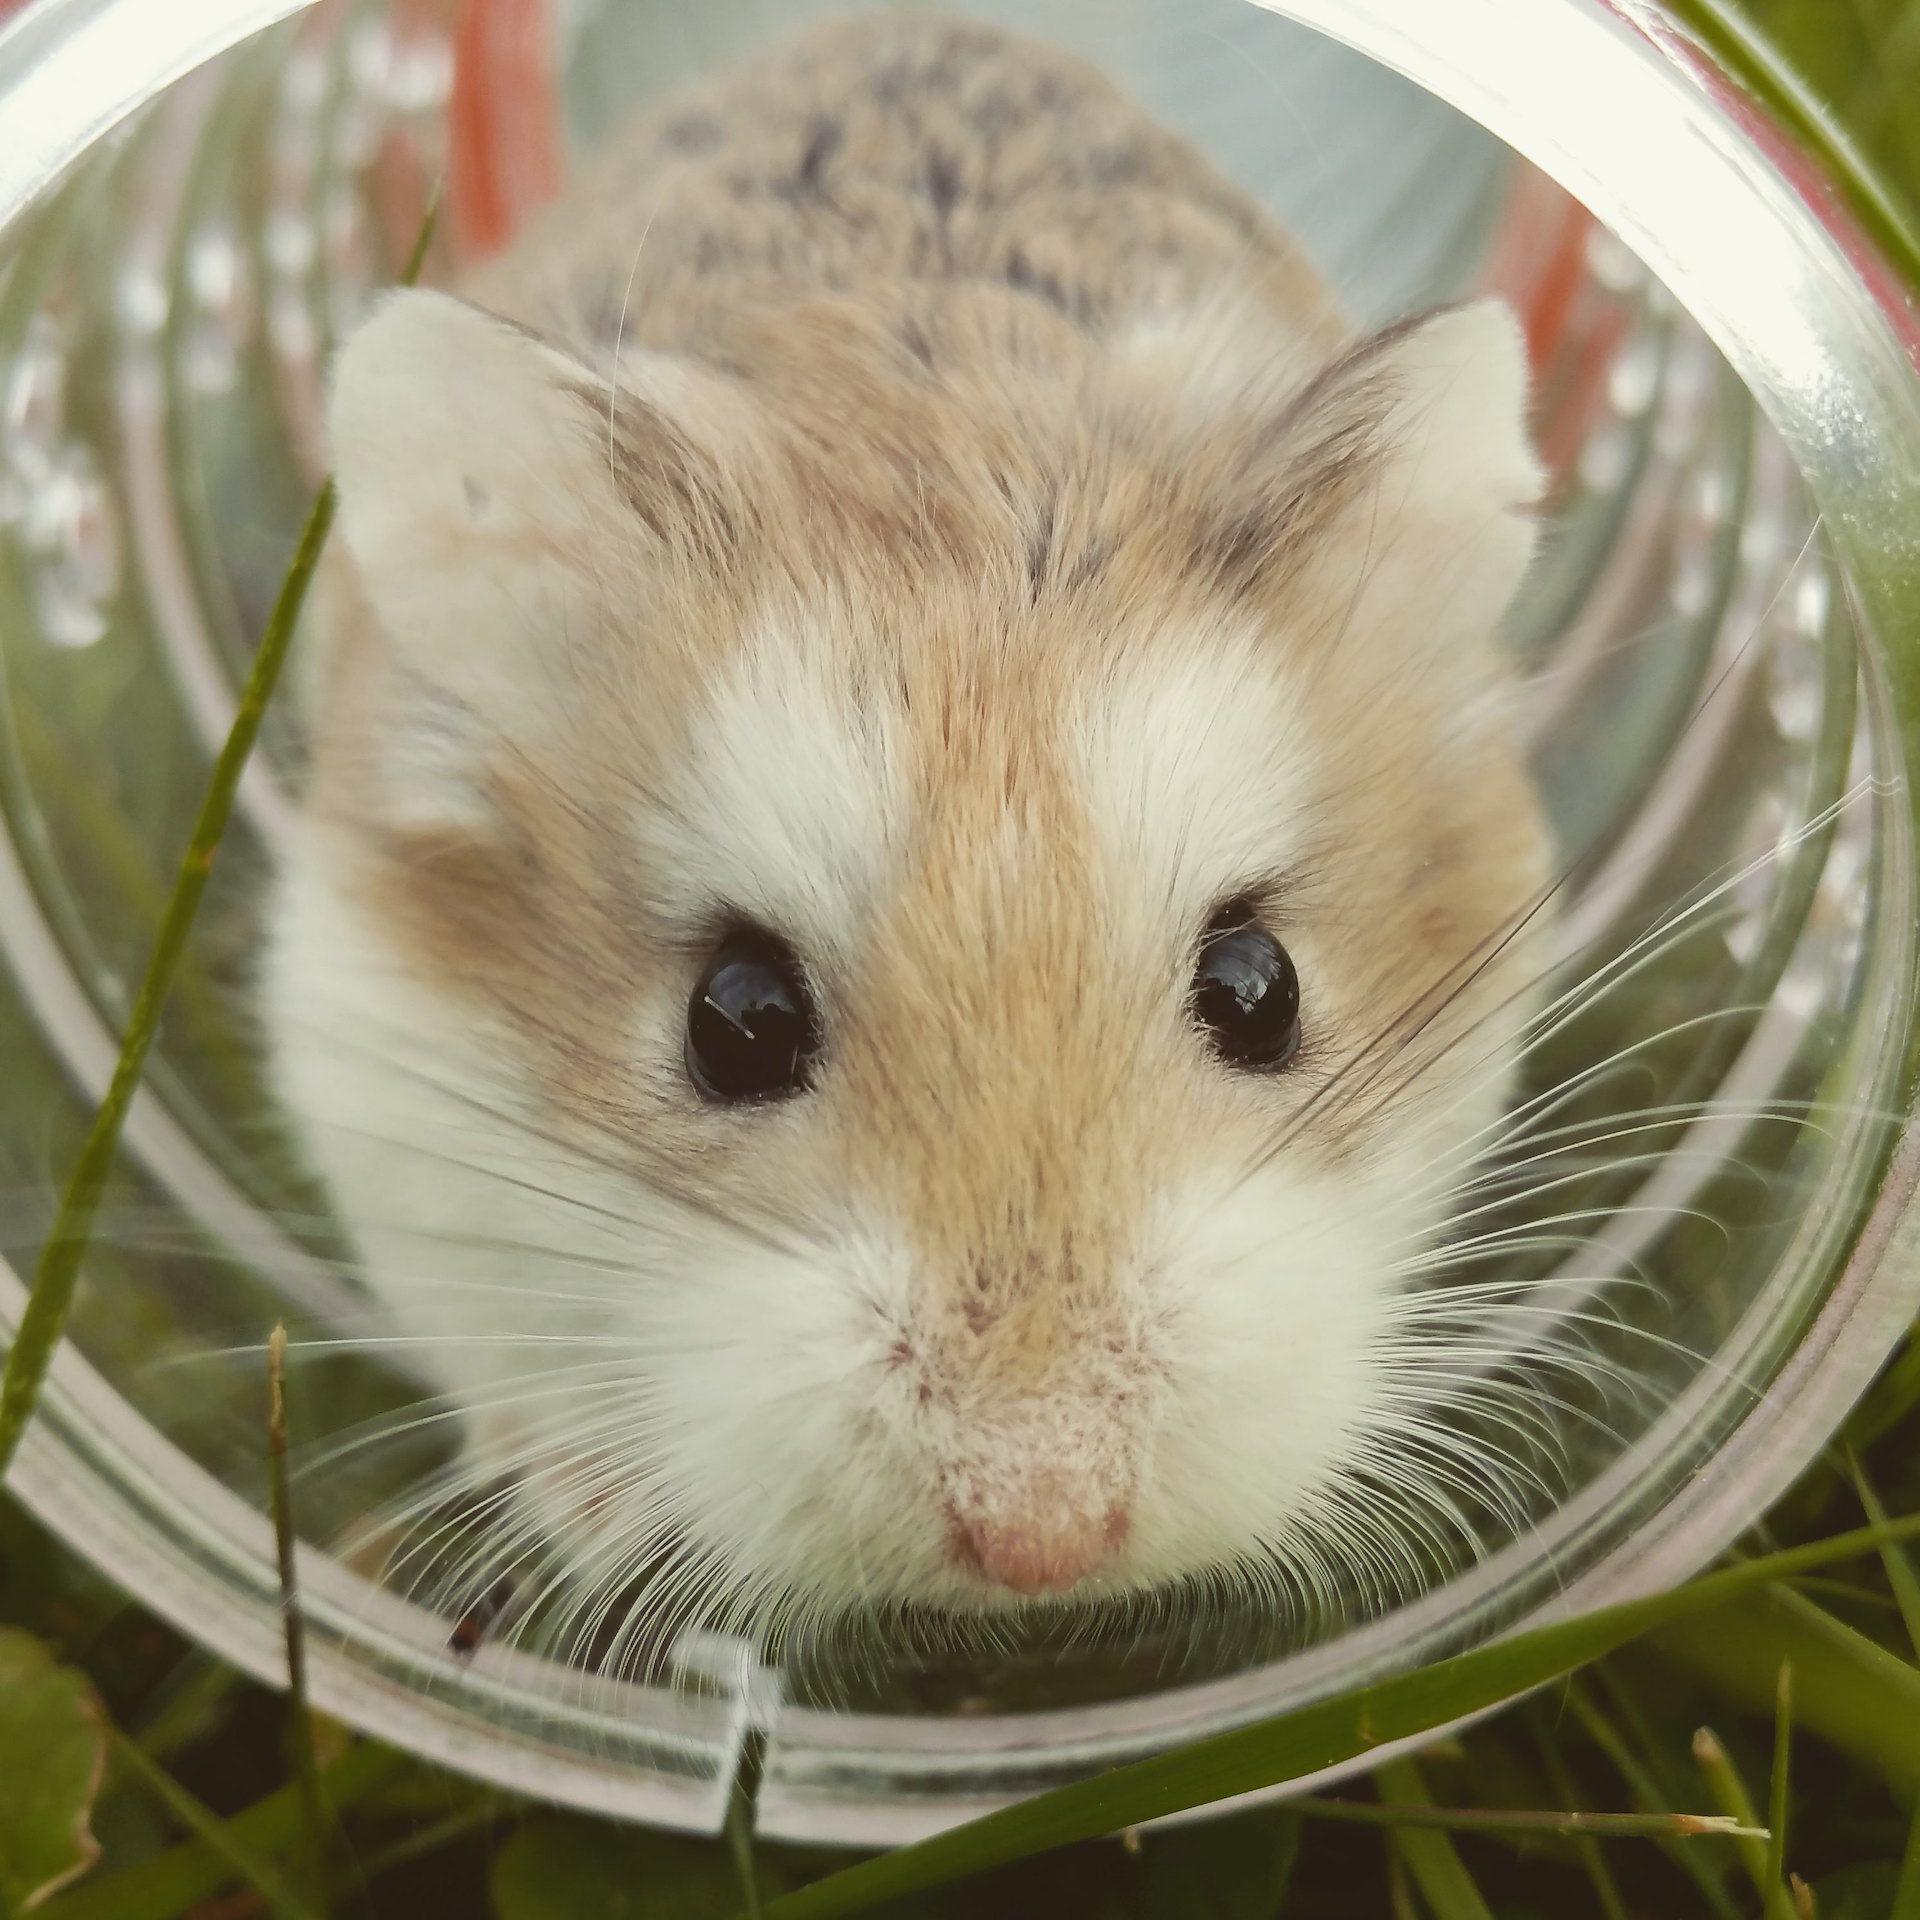 鼠标, 字段, 管, 宠物, 啮齿类动物 - 高清壁纸 - 教授-falken.com